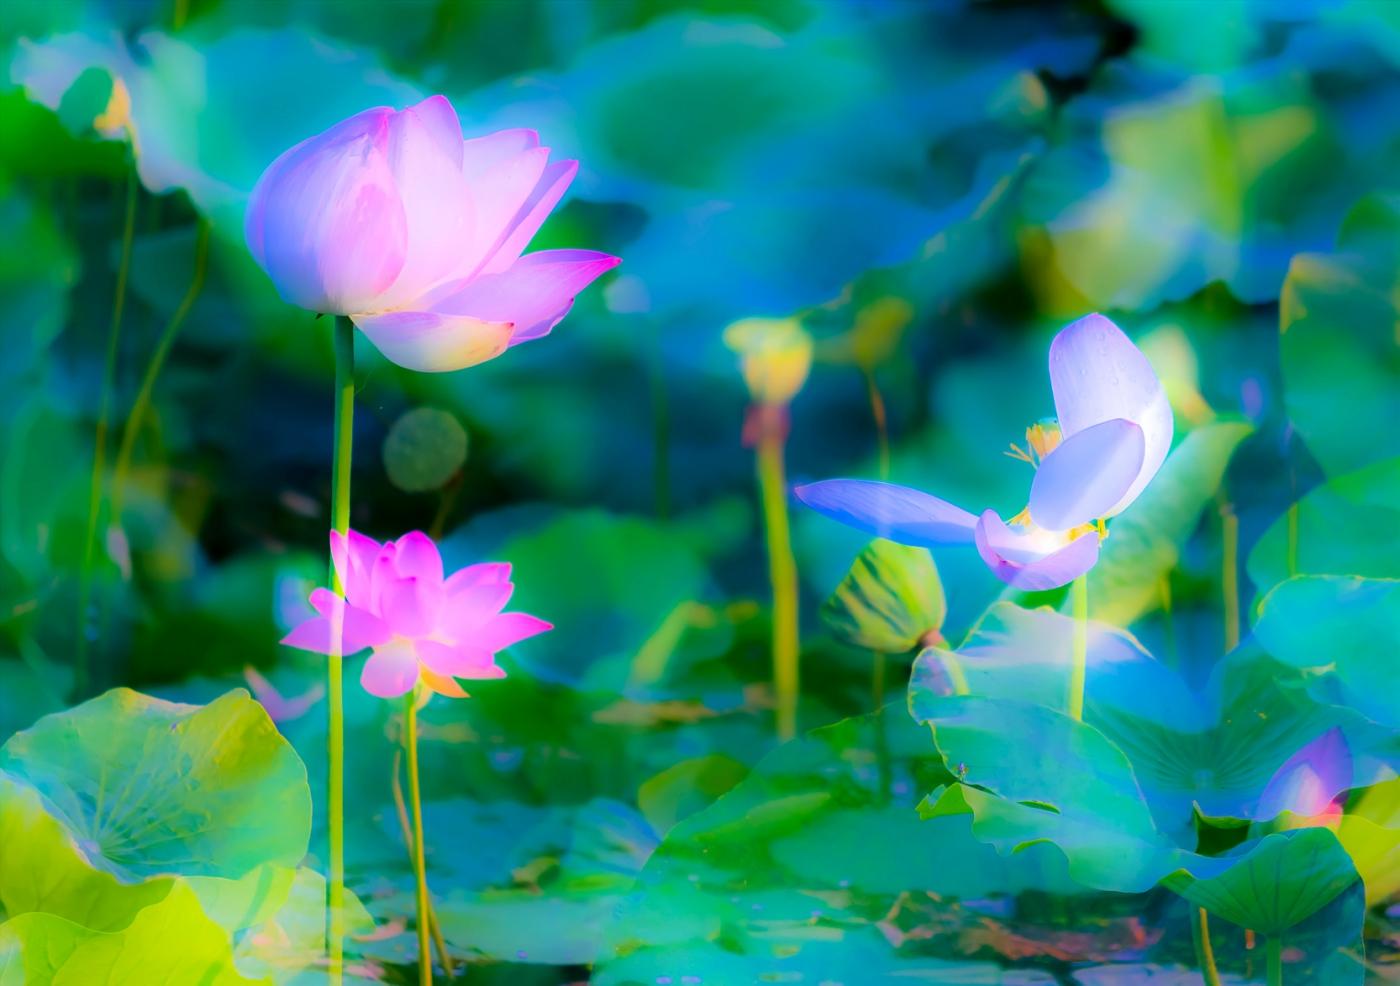 尝试用多重曝光拍摄拍摄湿地红荷_图1-4